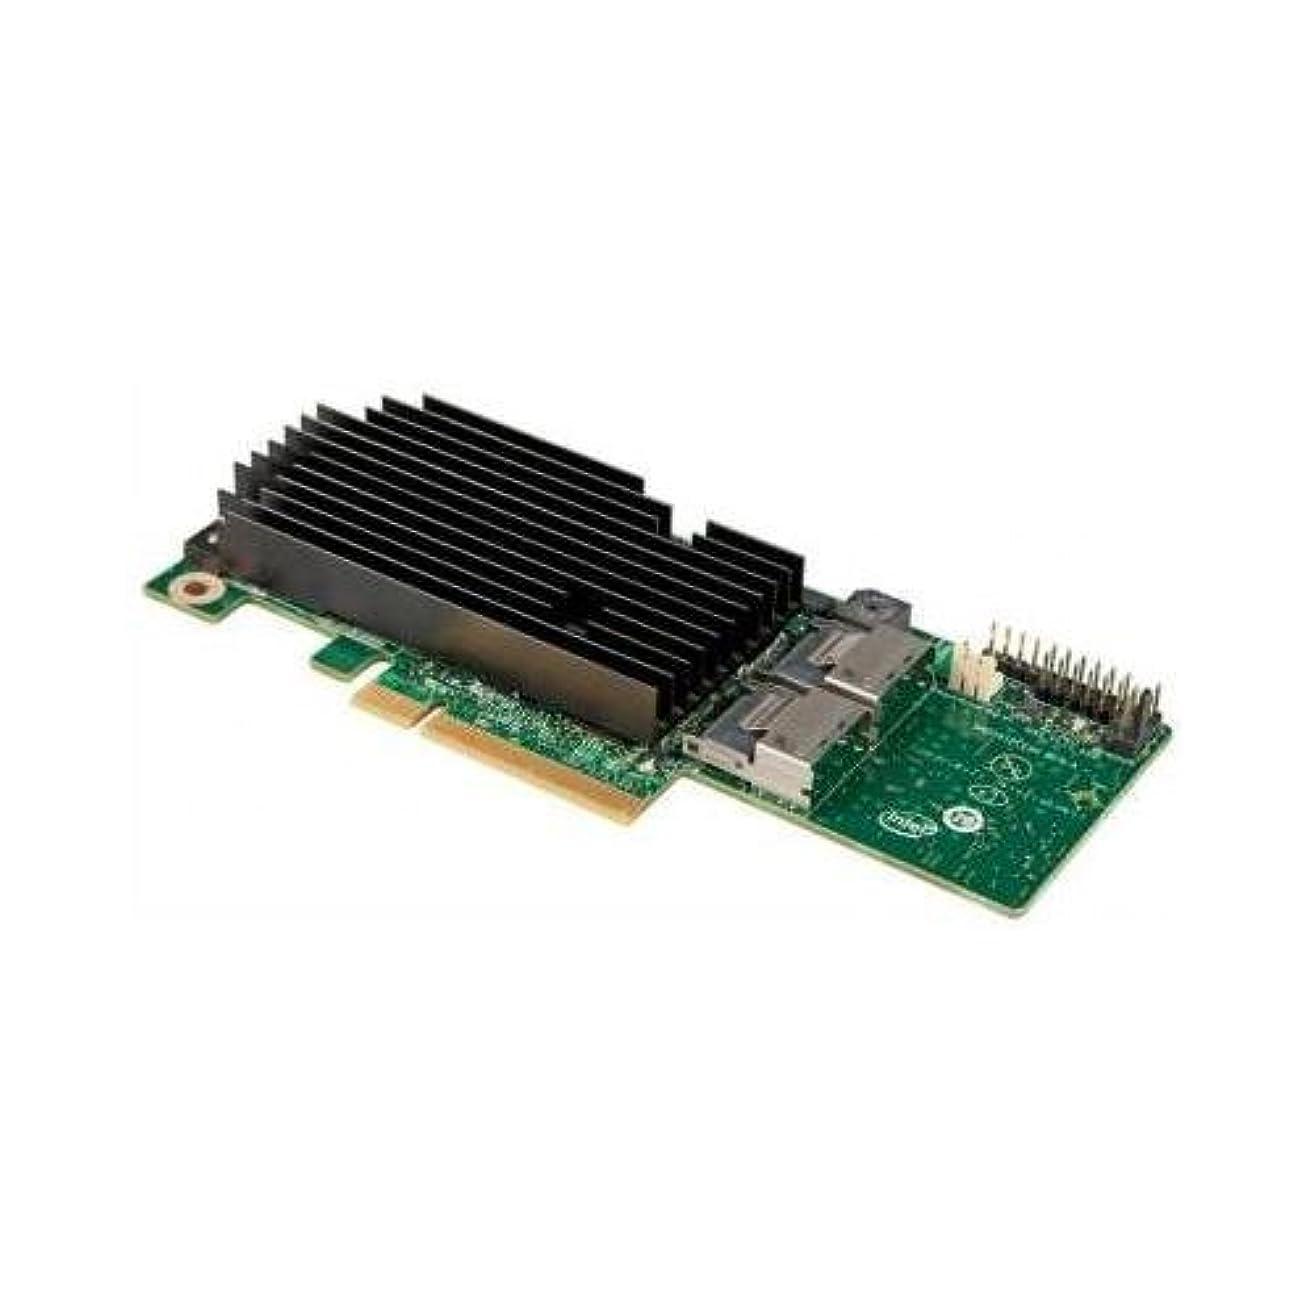 カタログタワープレミアインテルrms25kb080 SAS 8ポート内蔵Raidモジュールコントローラカードブラウンボックスホワイトボックス